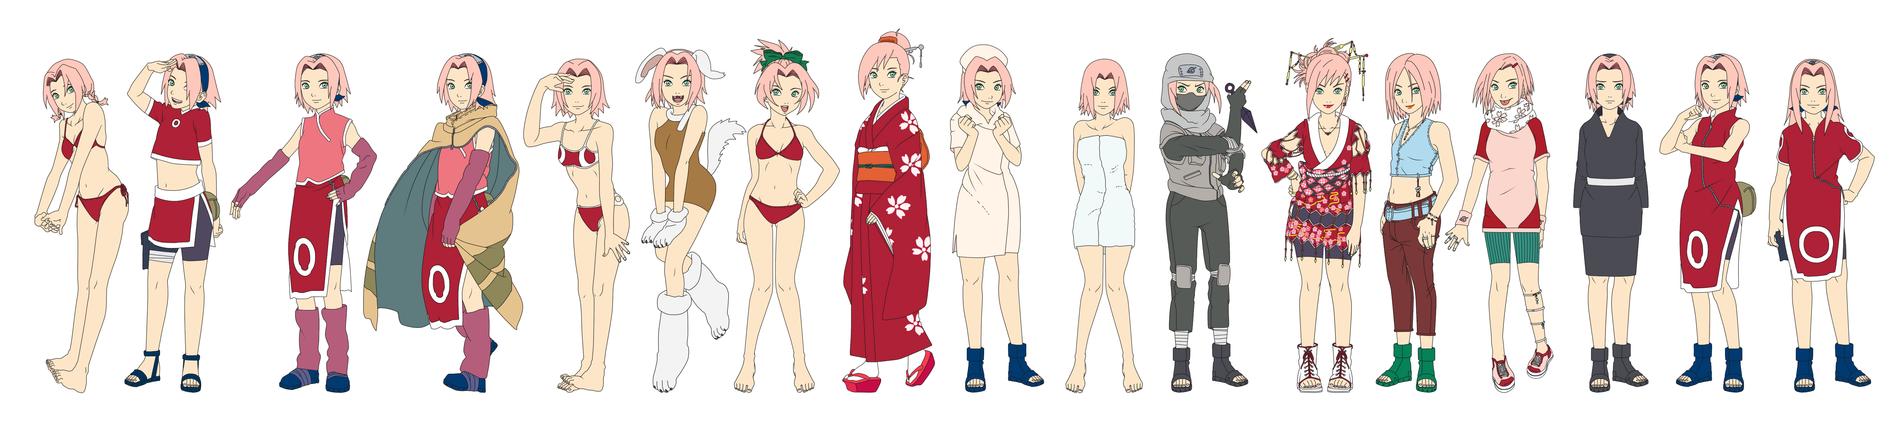 Sakura Haruno Outfit Color NARUTO by SunakiSabakuno